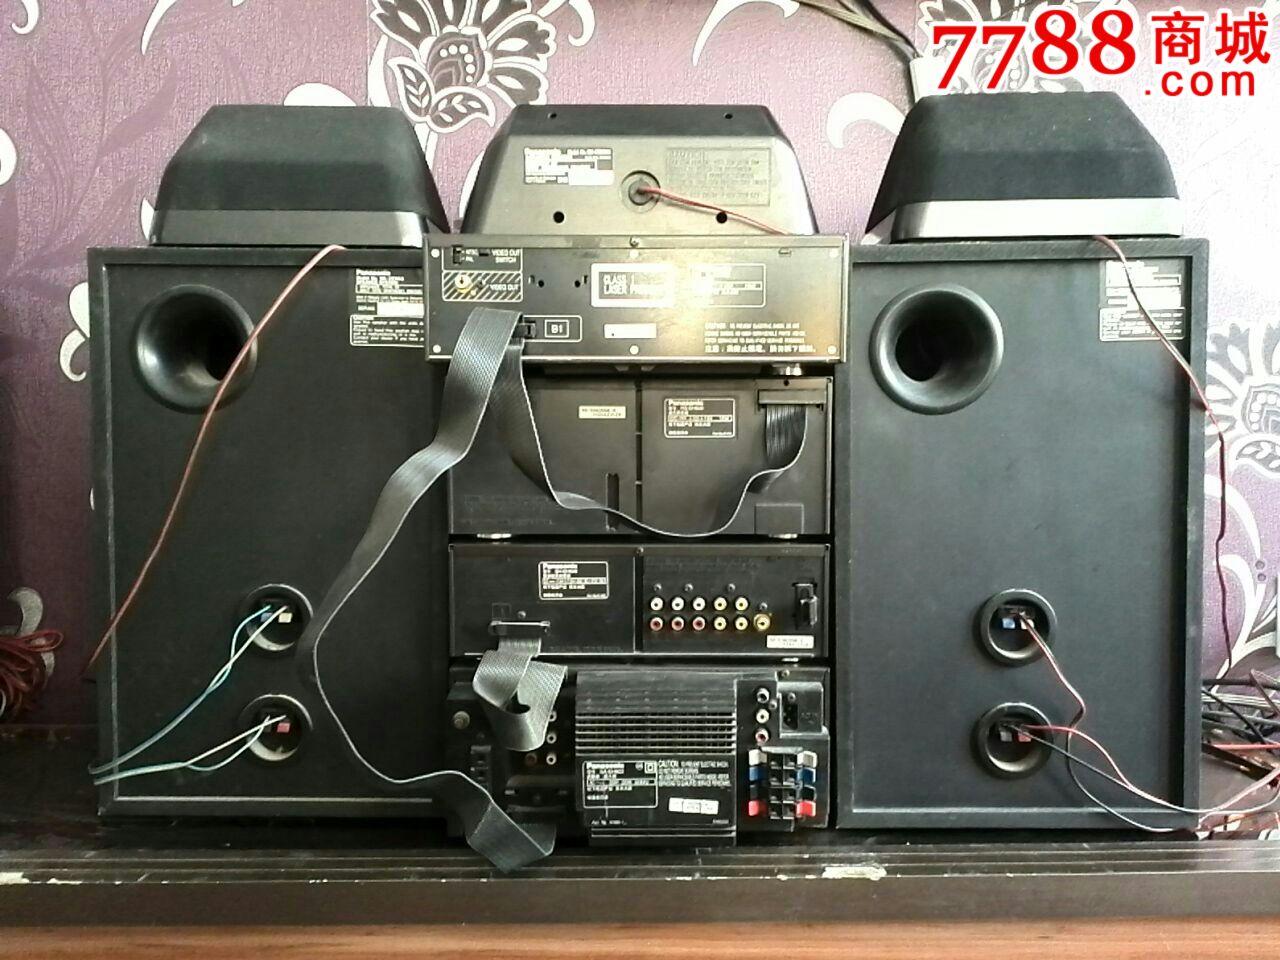 松下sc-vc968高端激光视盘组合音响_价格780元_第5张_7788收藏__中国